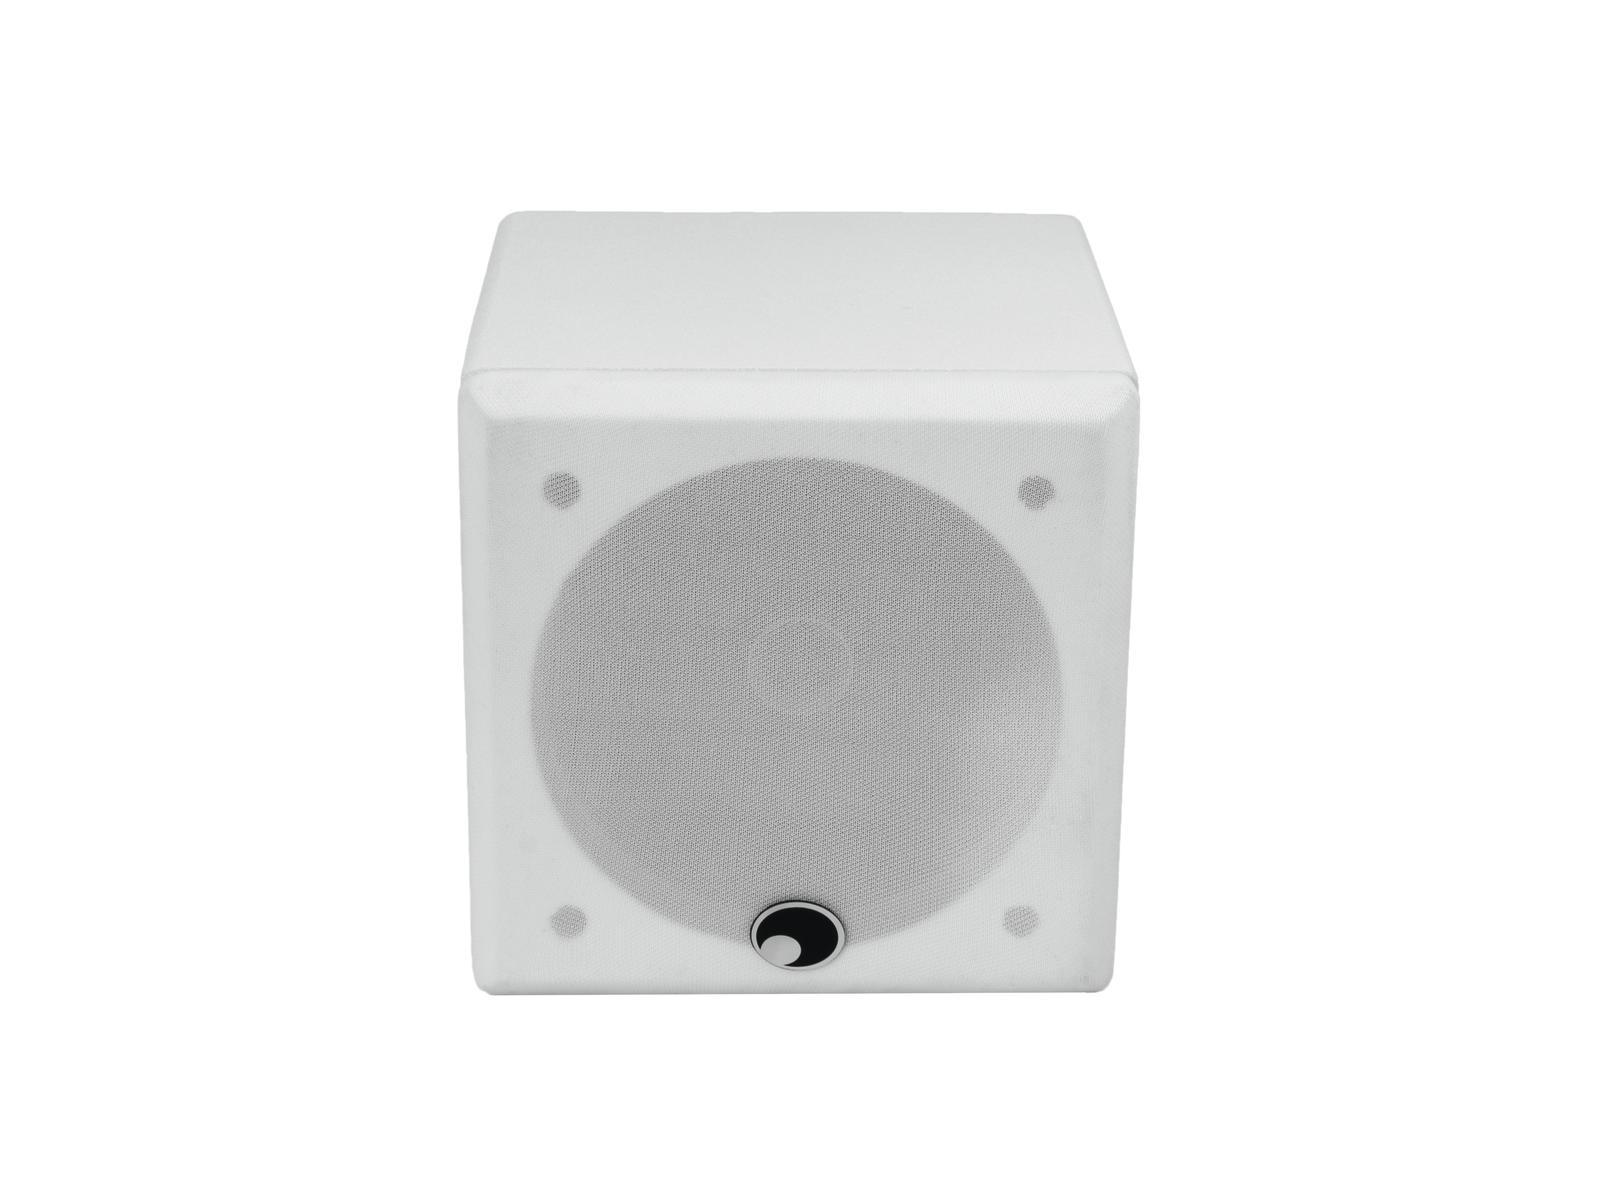 OMNITRONIC QI-5 Koaxial-Wandlautsprecher weiß